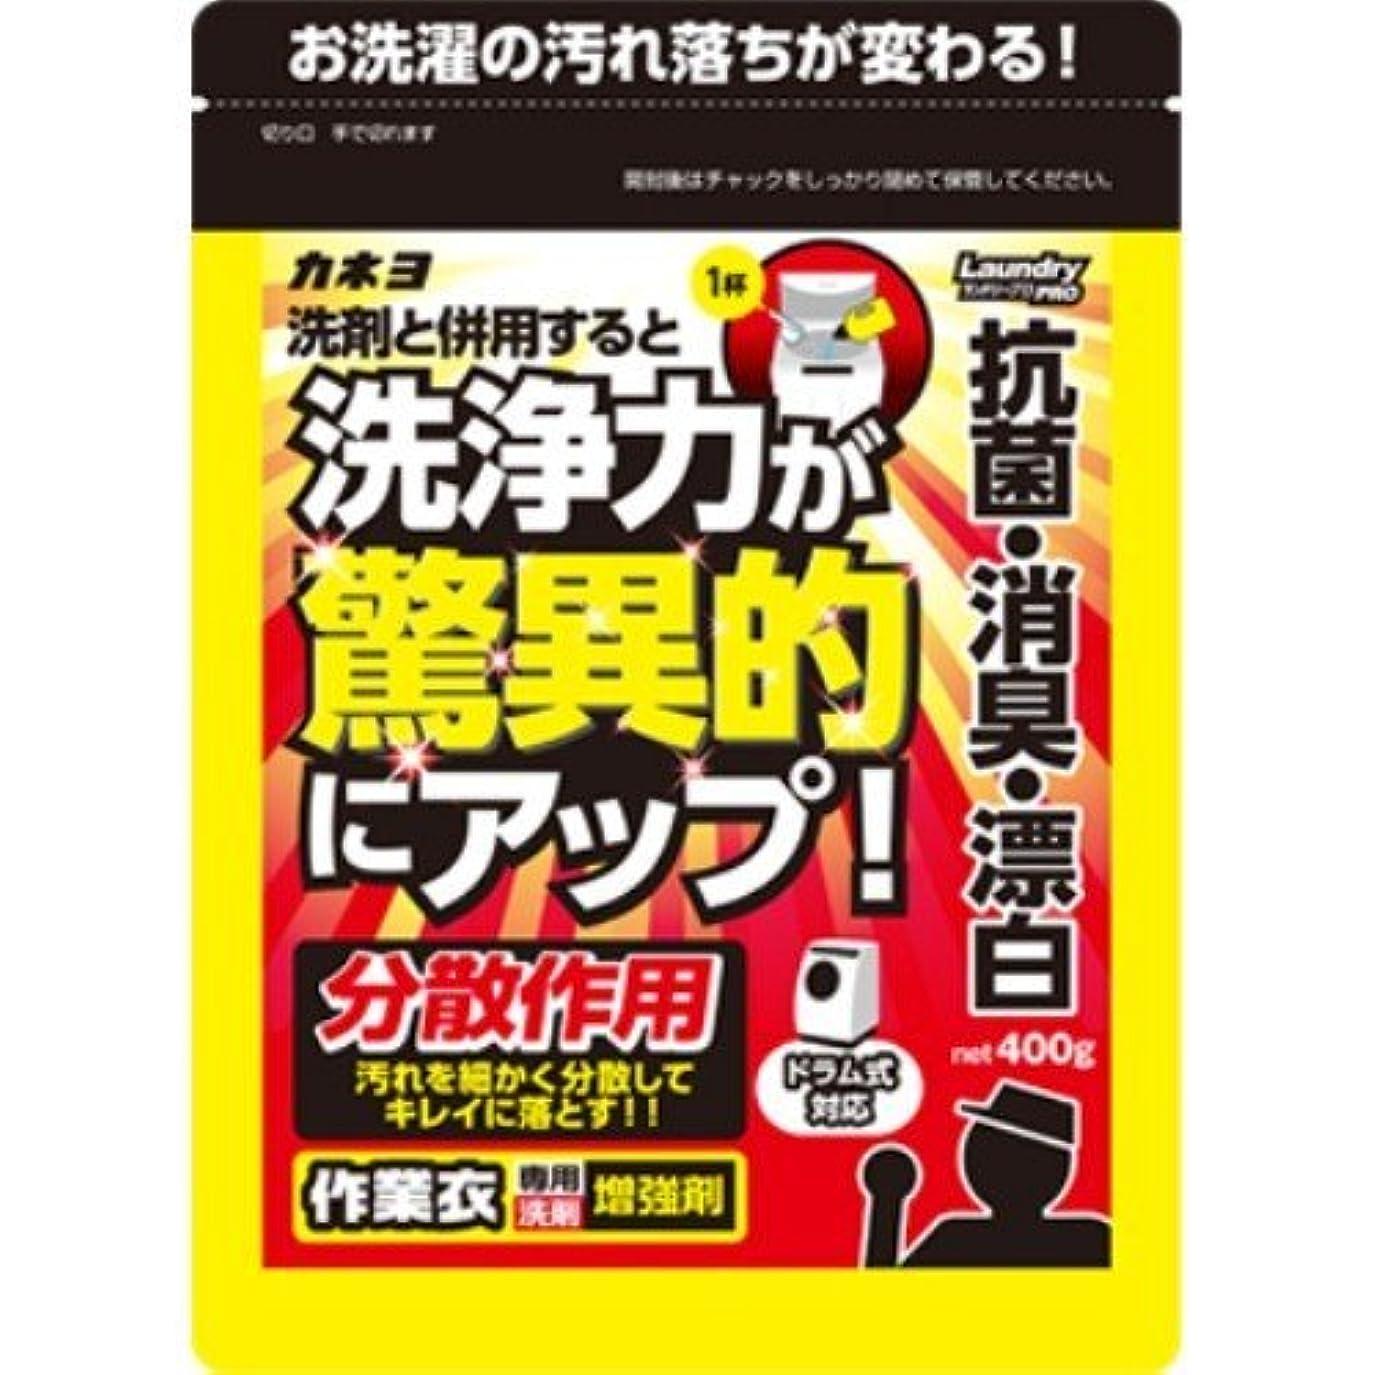 特許可決バーベキューカネヨ石鹸 作業衣専用洗剤 増強剤 粉末 400g